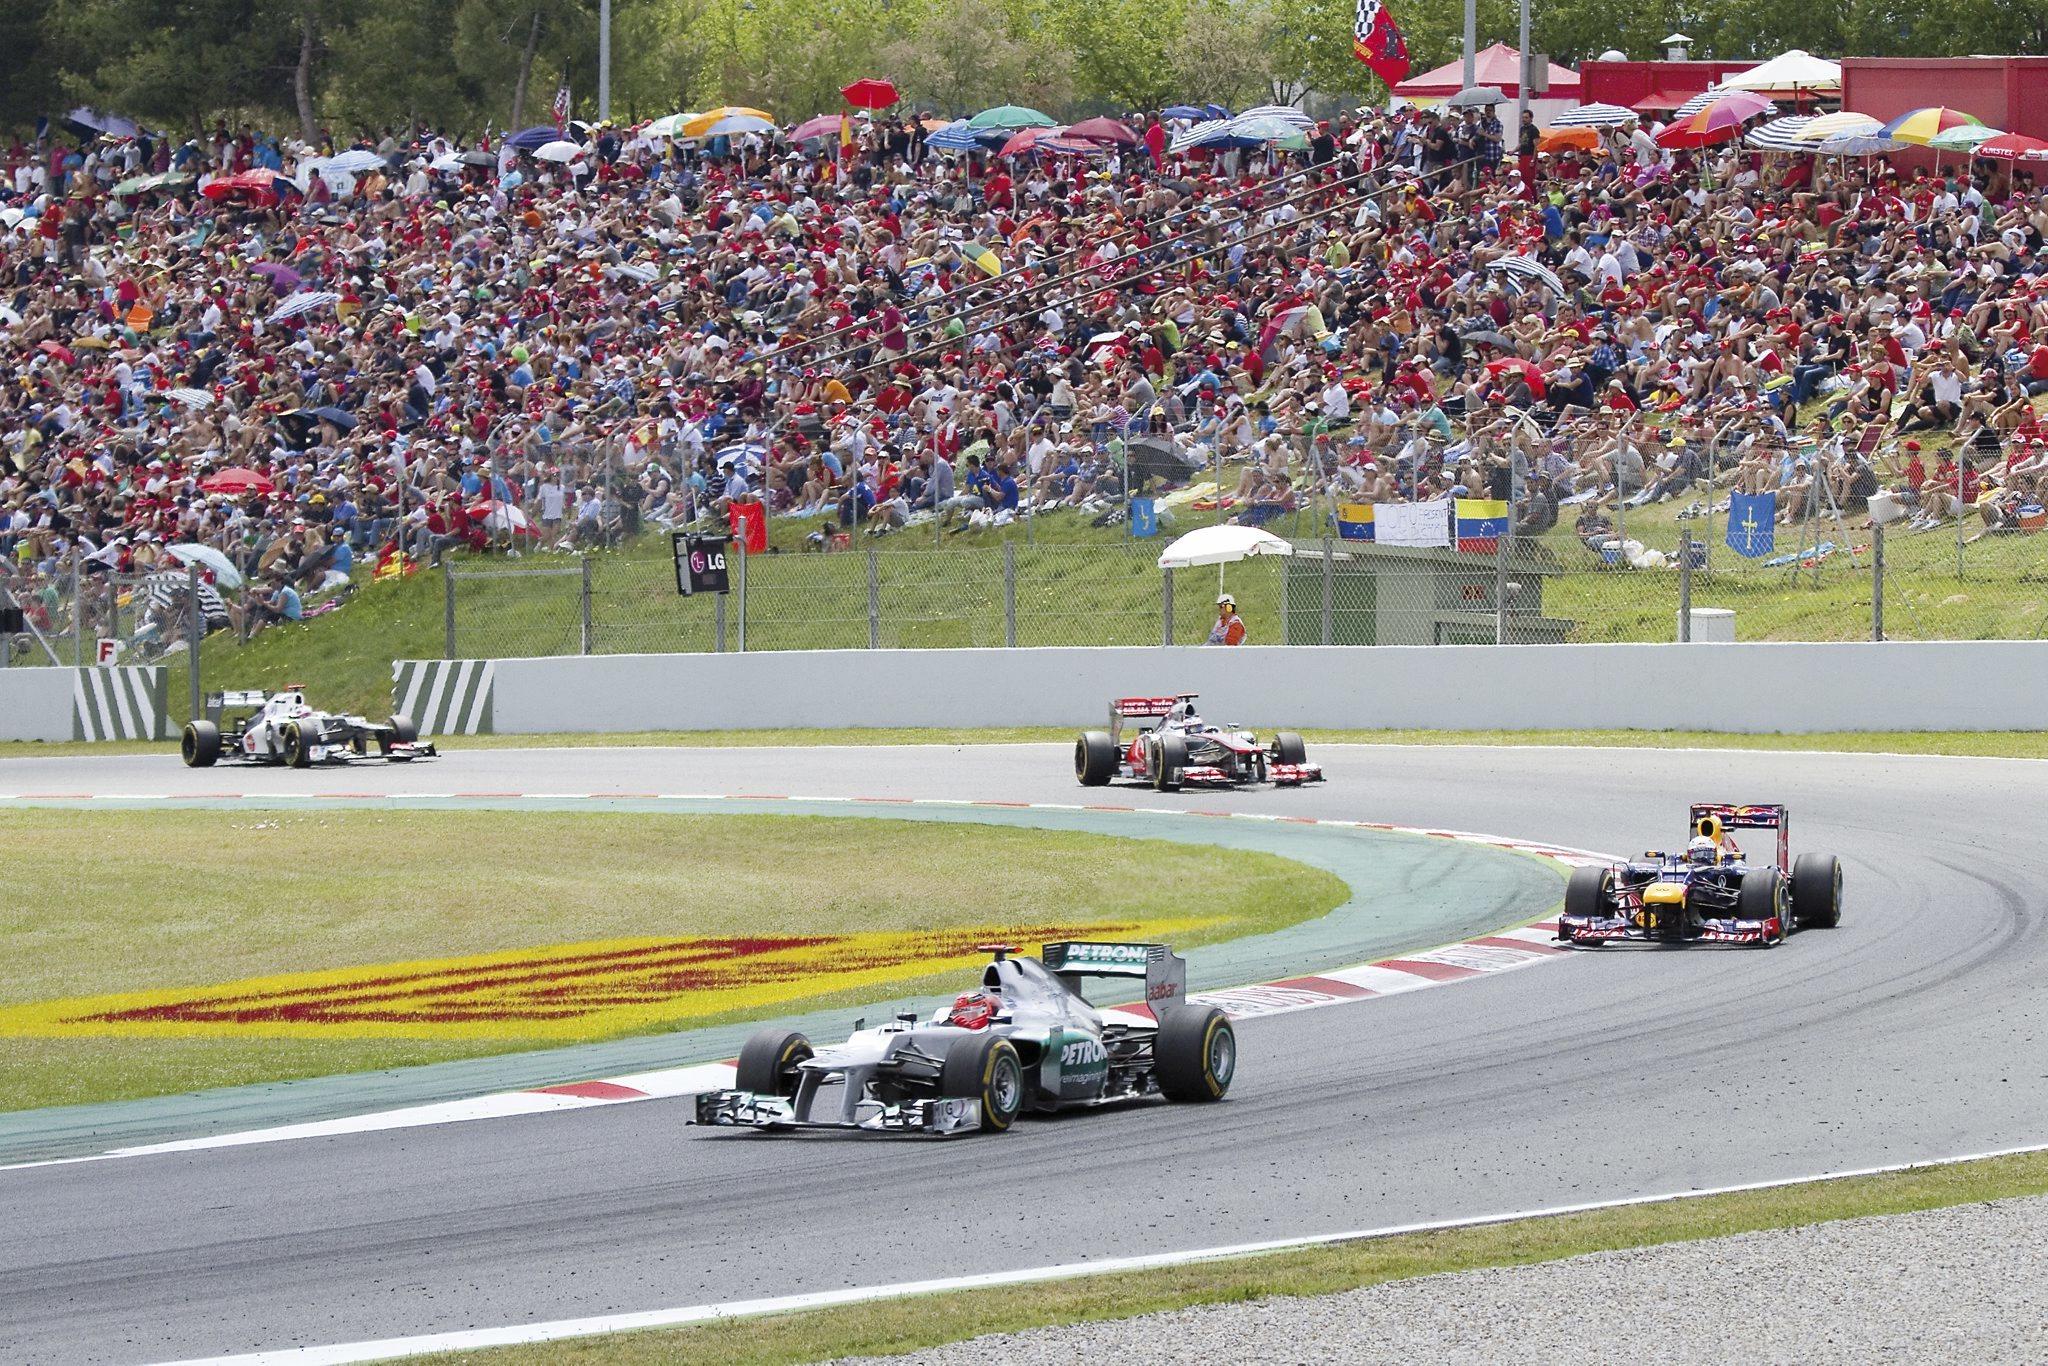 Gran Premi d'Espanya Santander de Formula 1